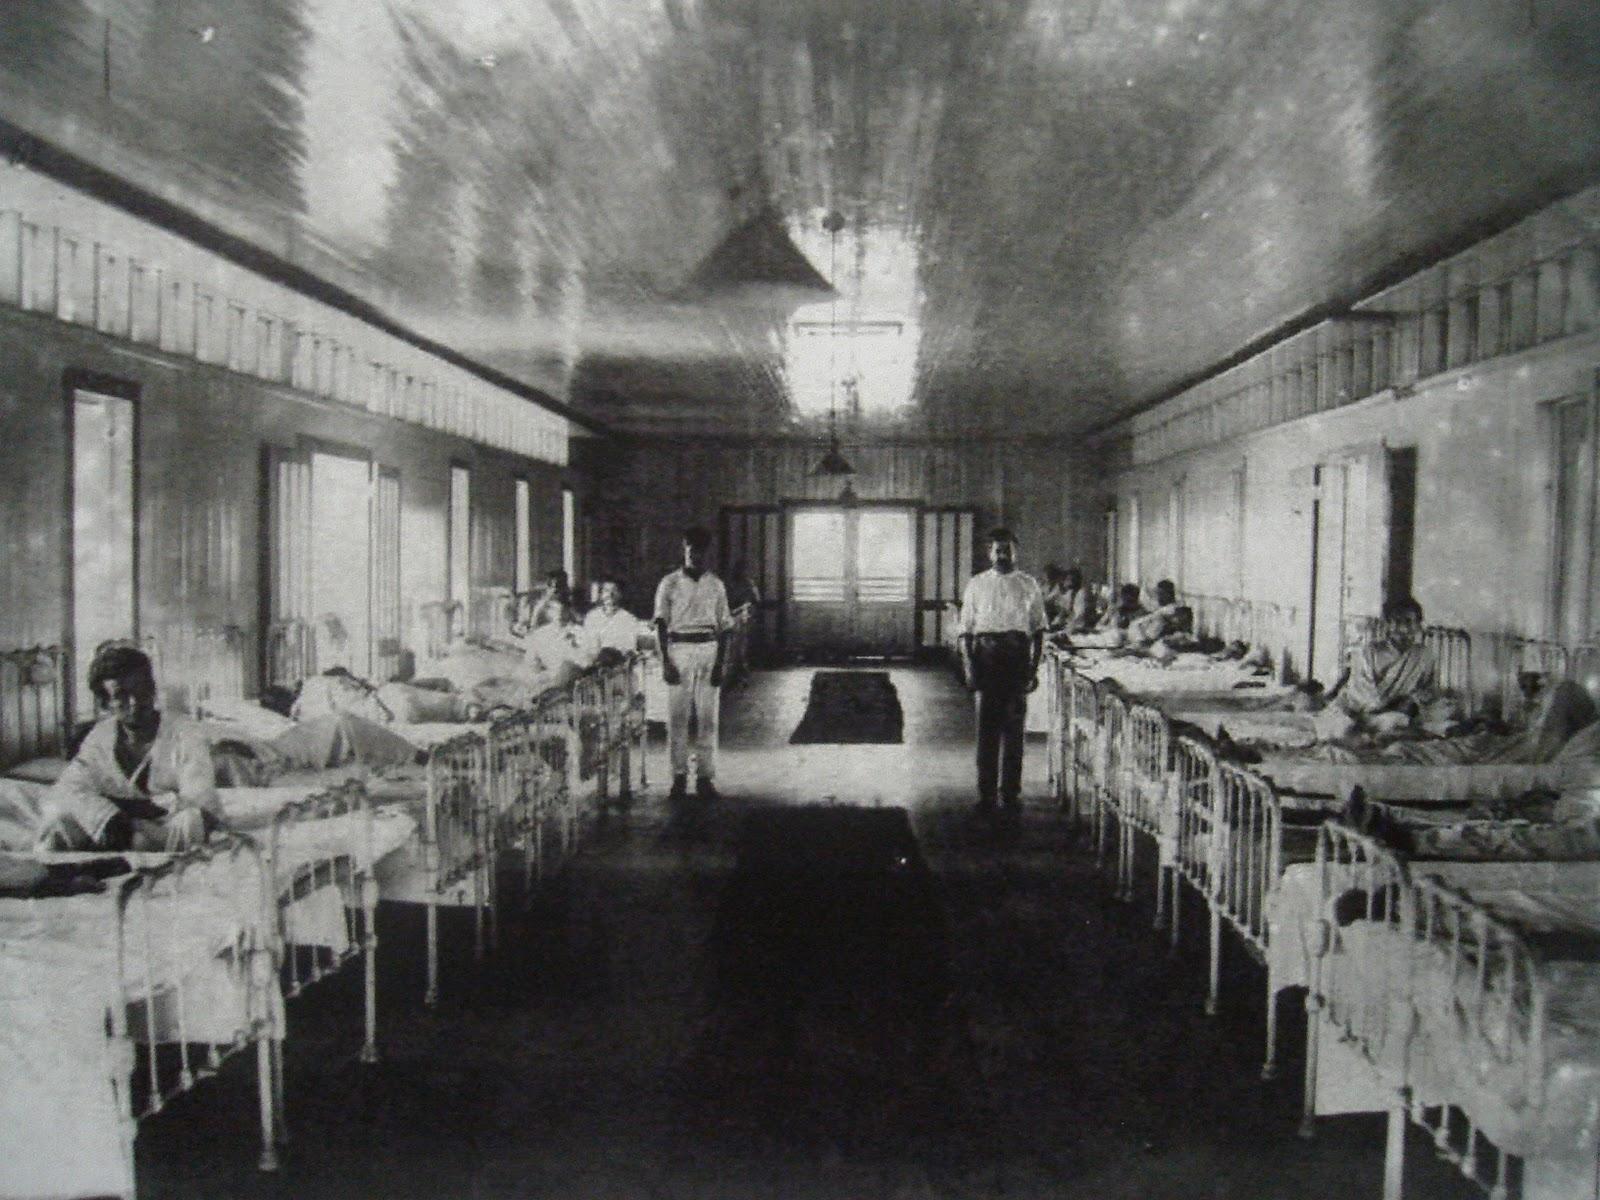 Leitos Interior+de+uma+enfermaria+do+Complexo+Hospitalar+da+Candel%C3%A1ria+(1909-1910)